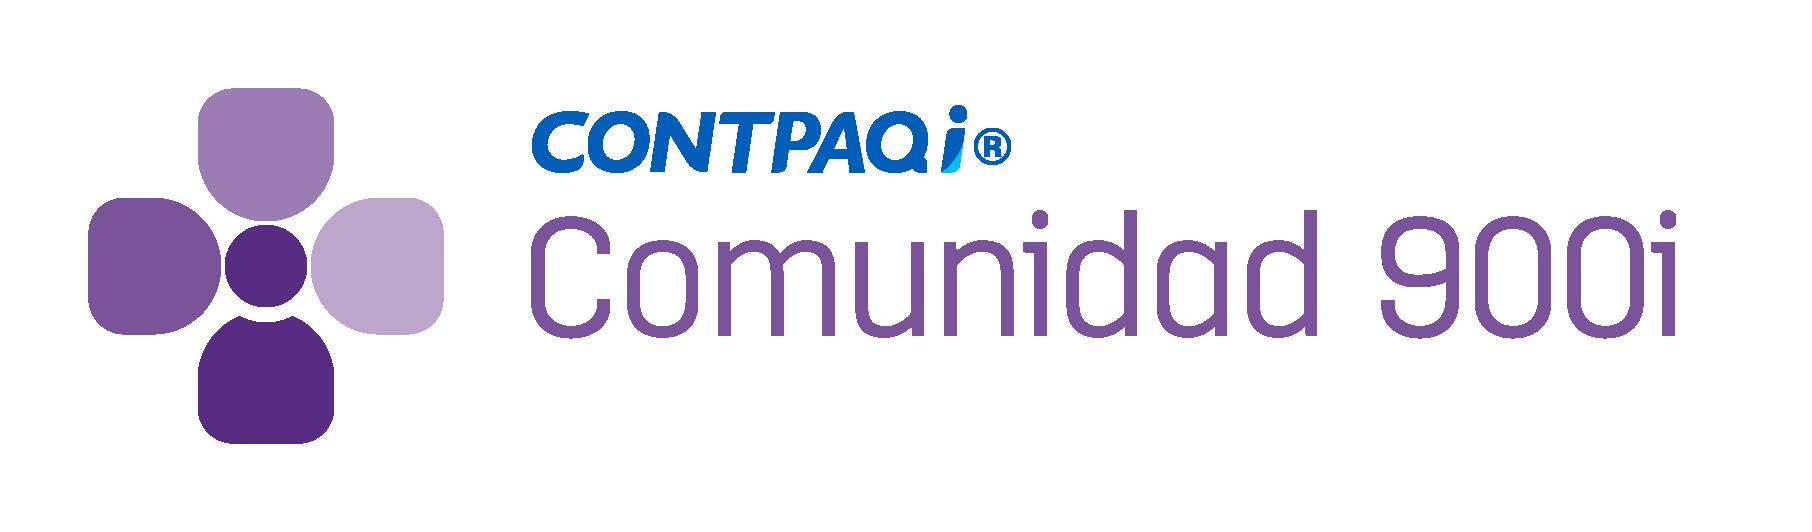 CONTPAQi_submarca_Comunidad 900i_RGB_A